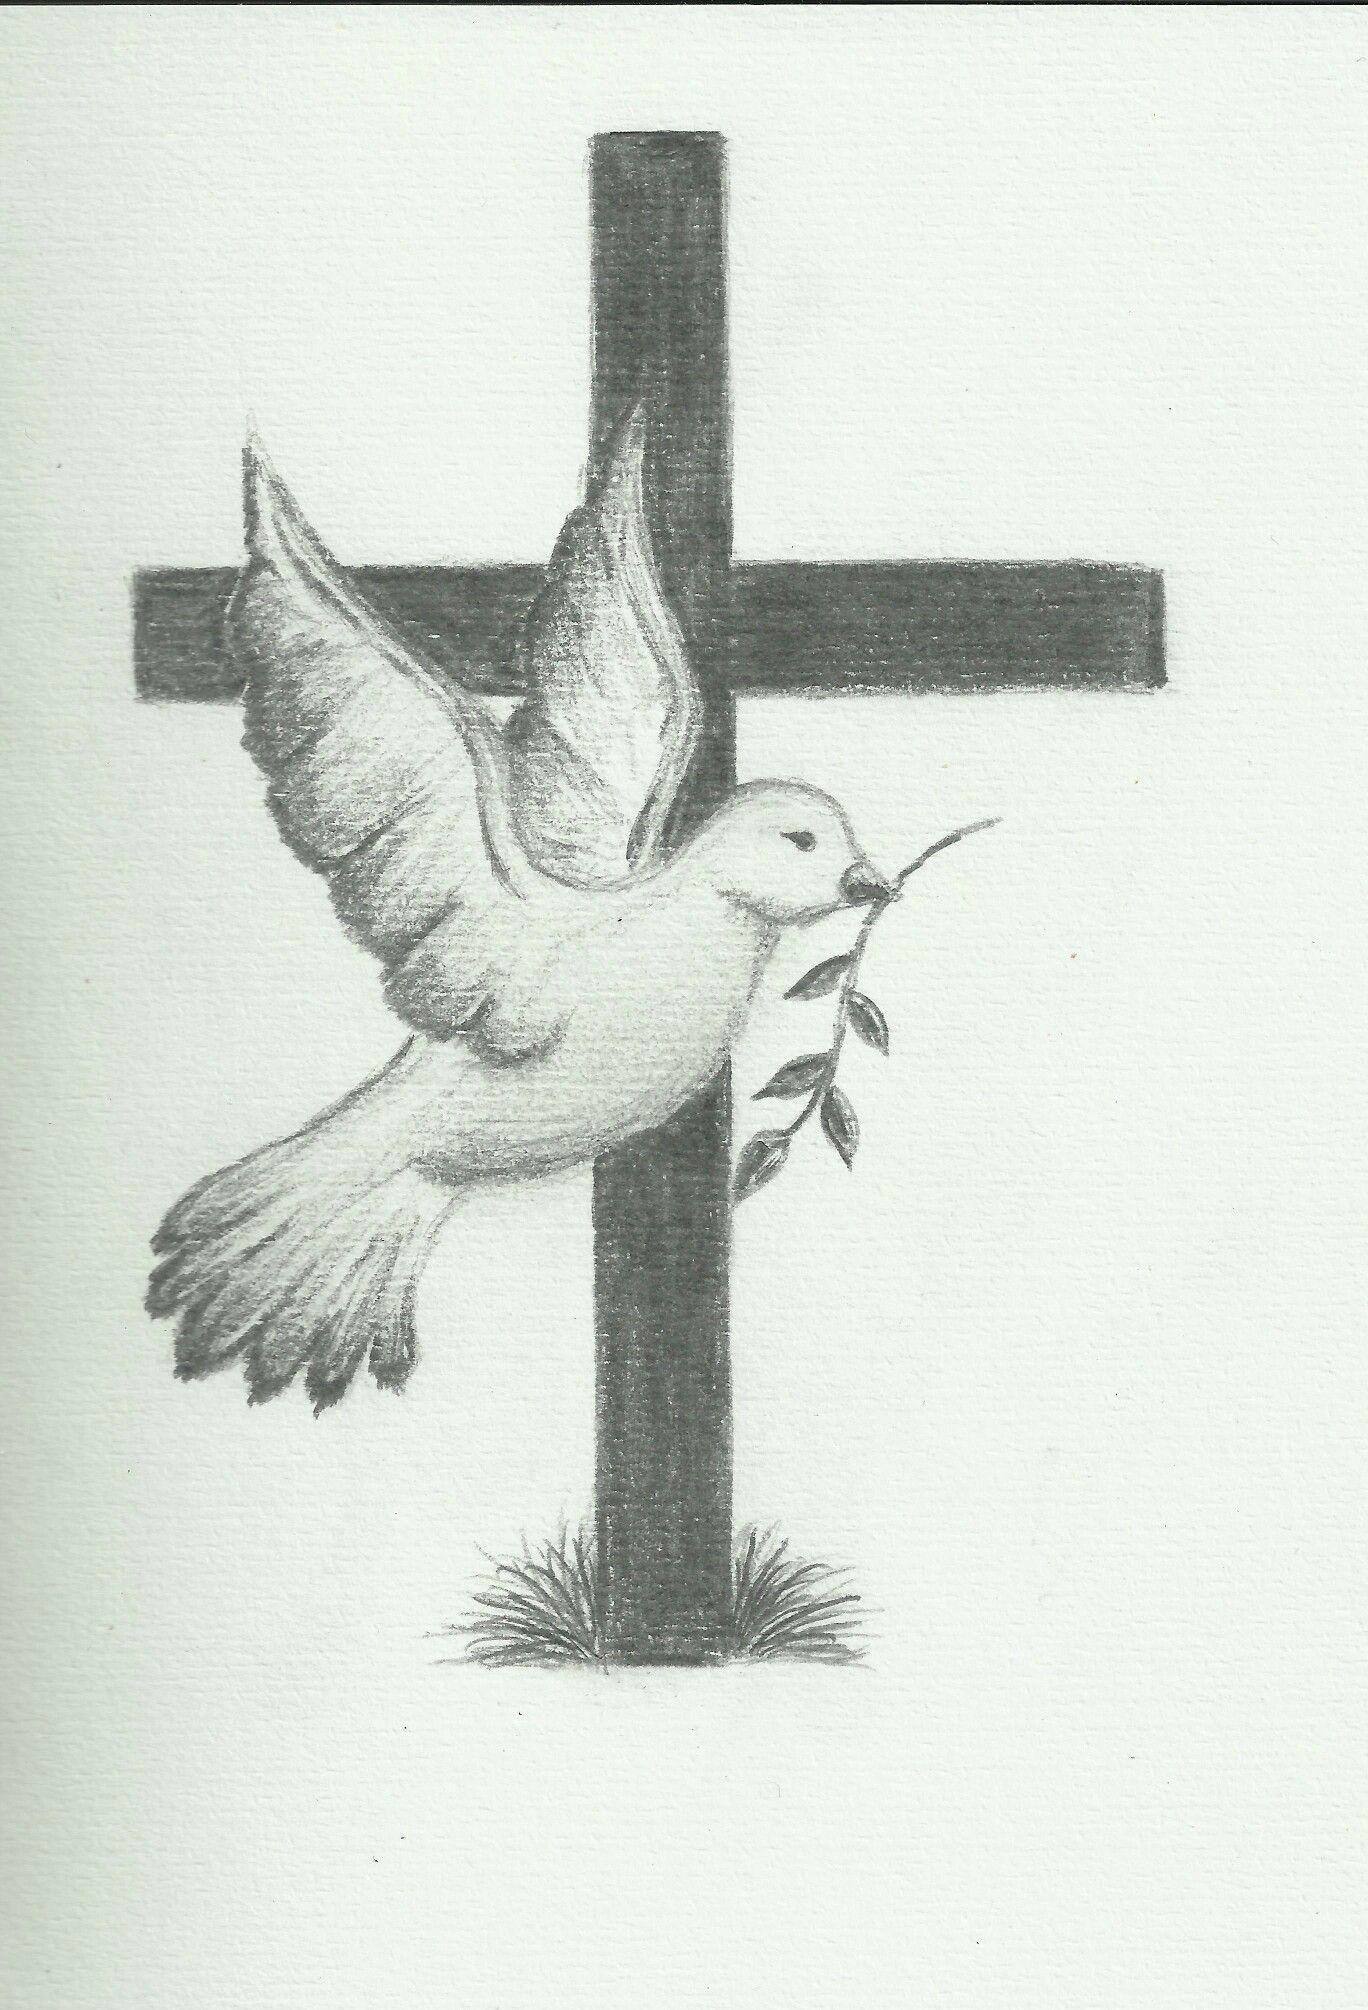 картинка голубь на кресте отзывах умудренные